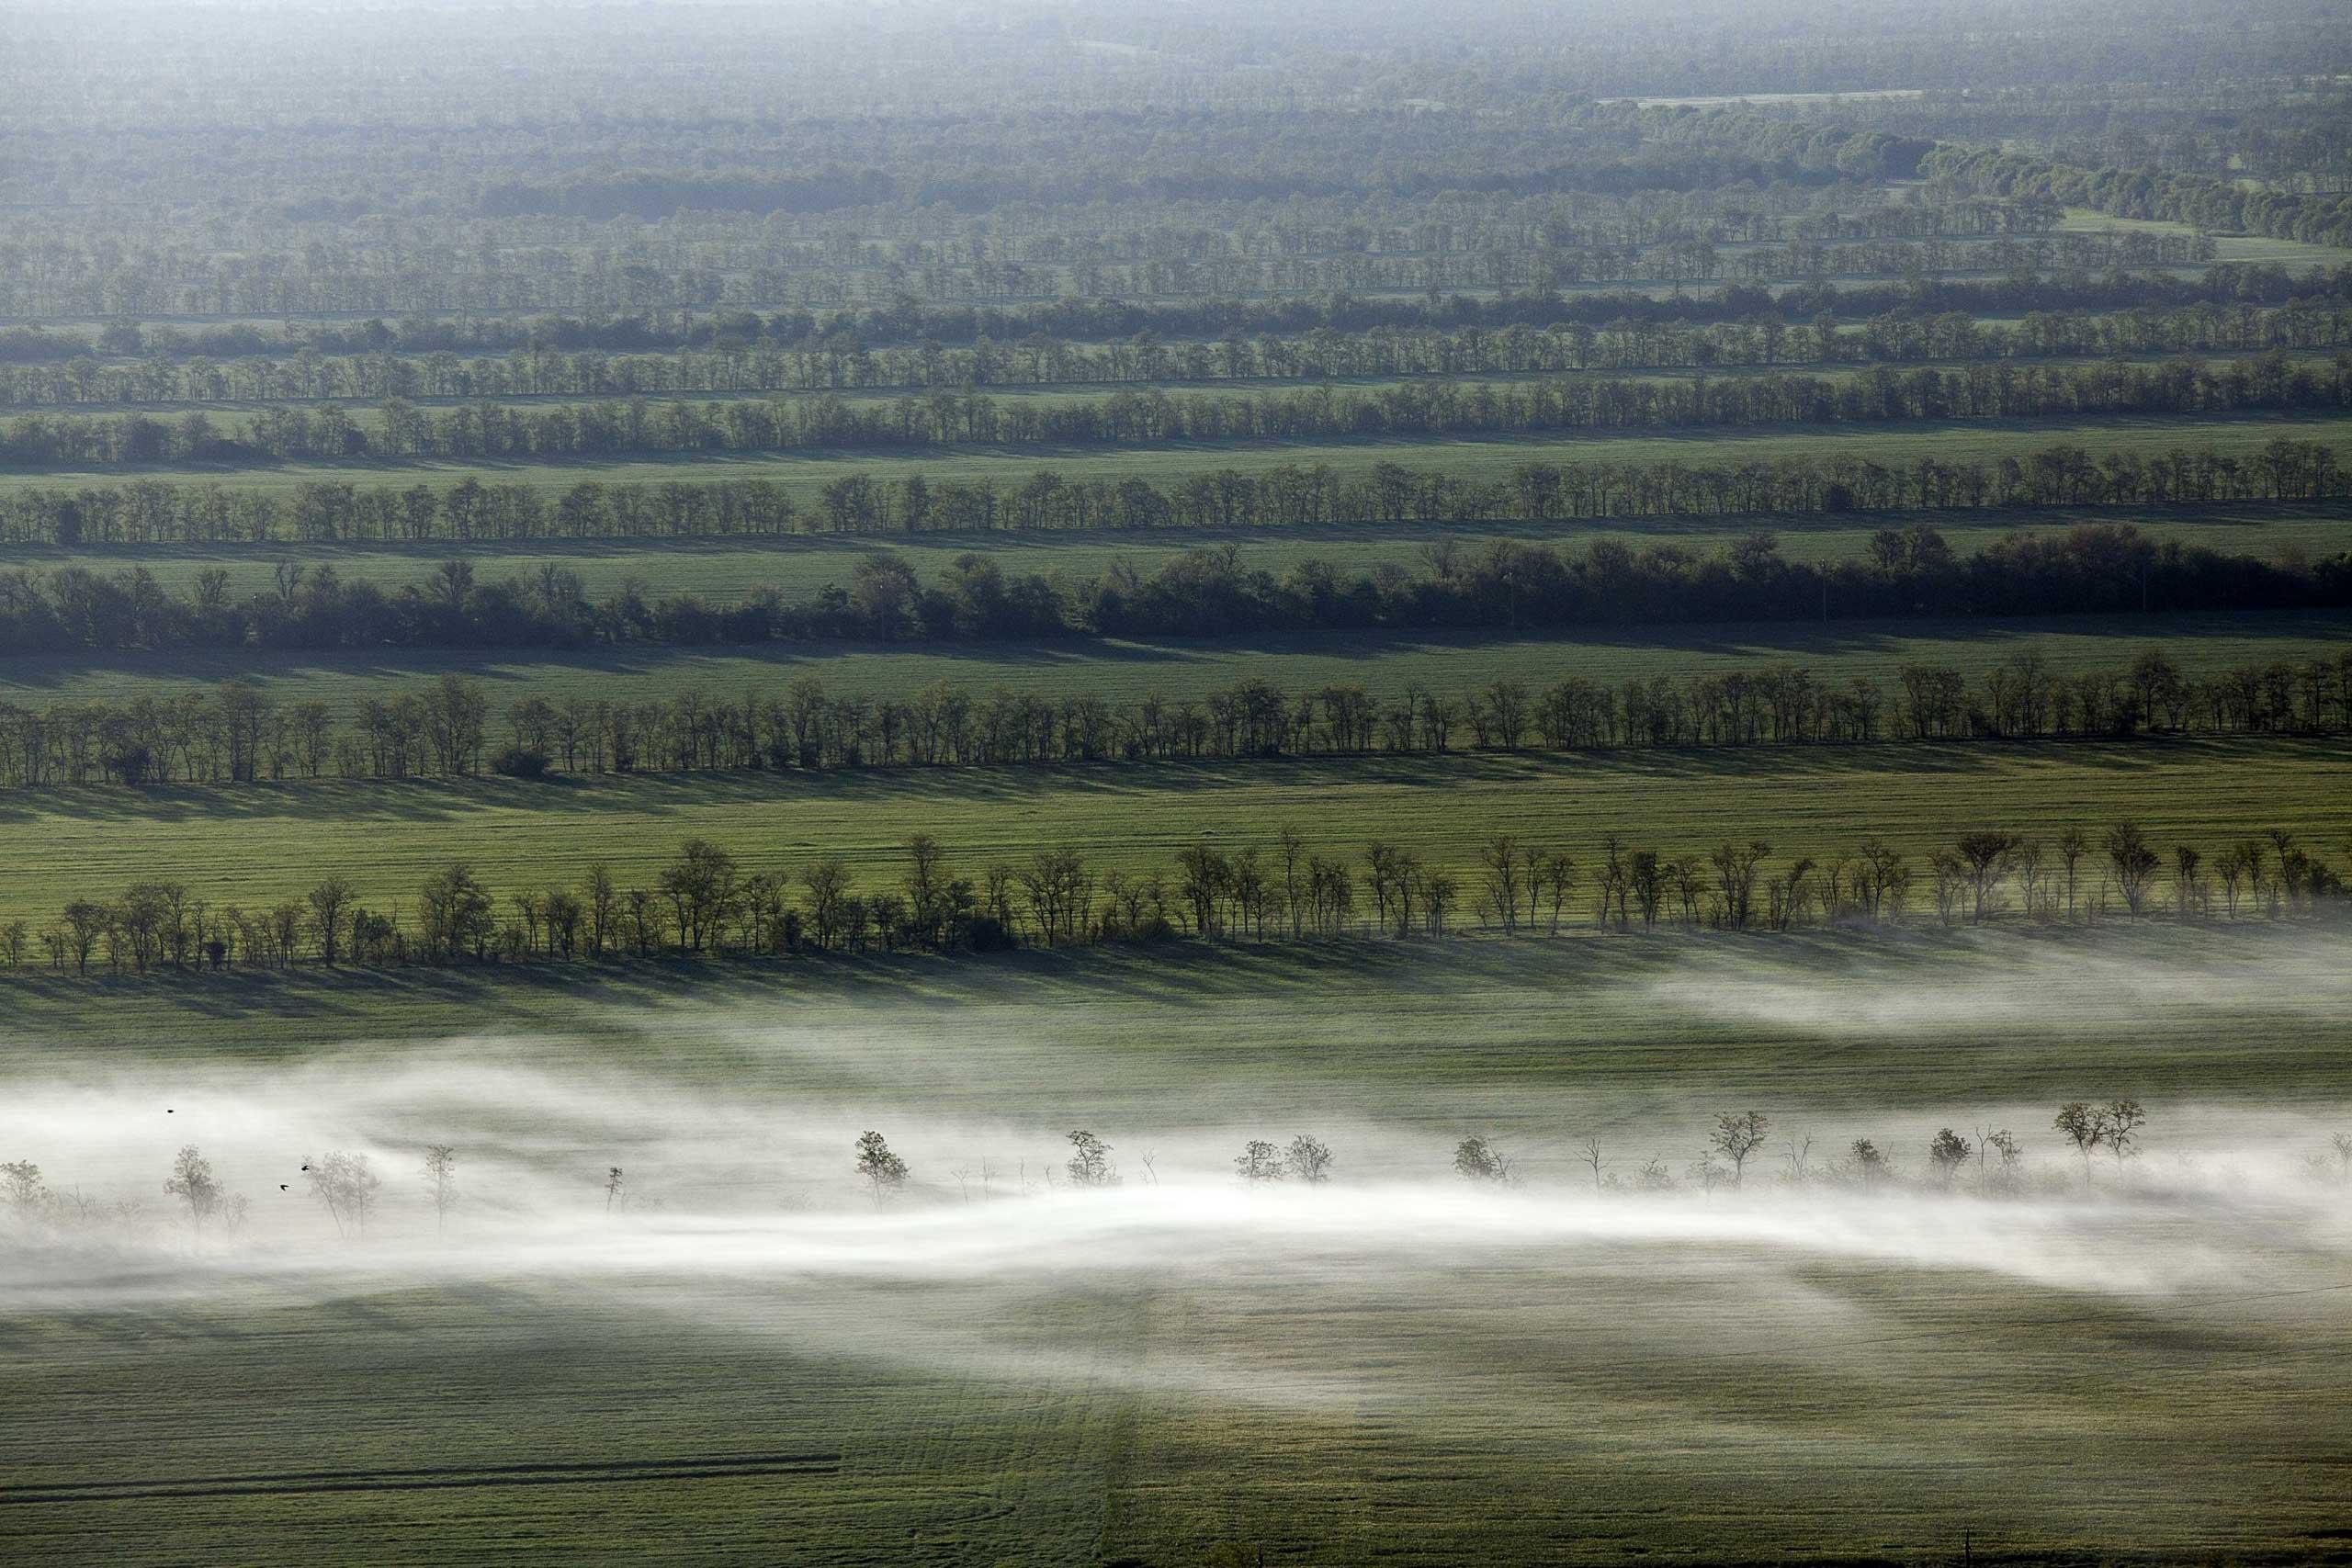 Sept. 22, 2014. A field in Stavropol, Russia.